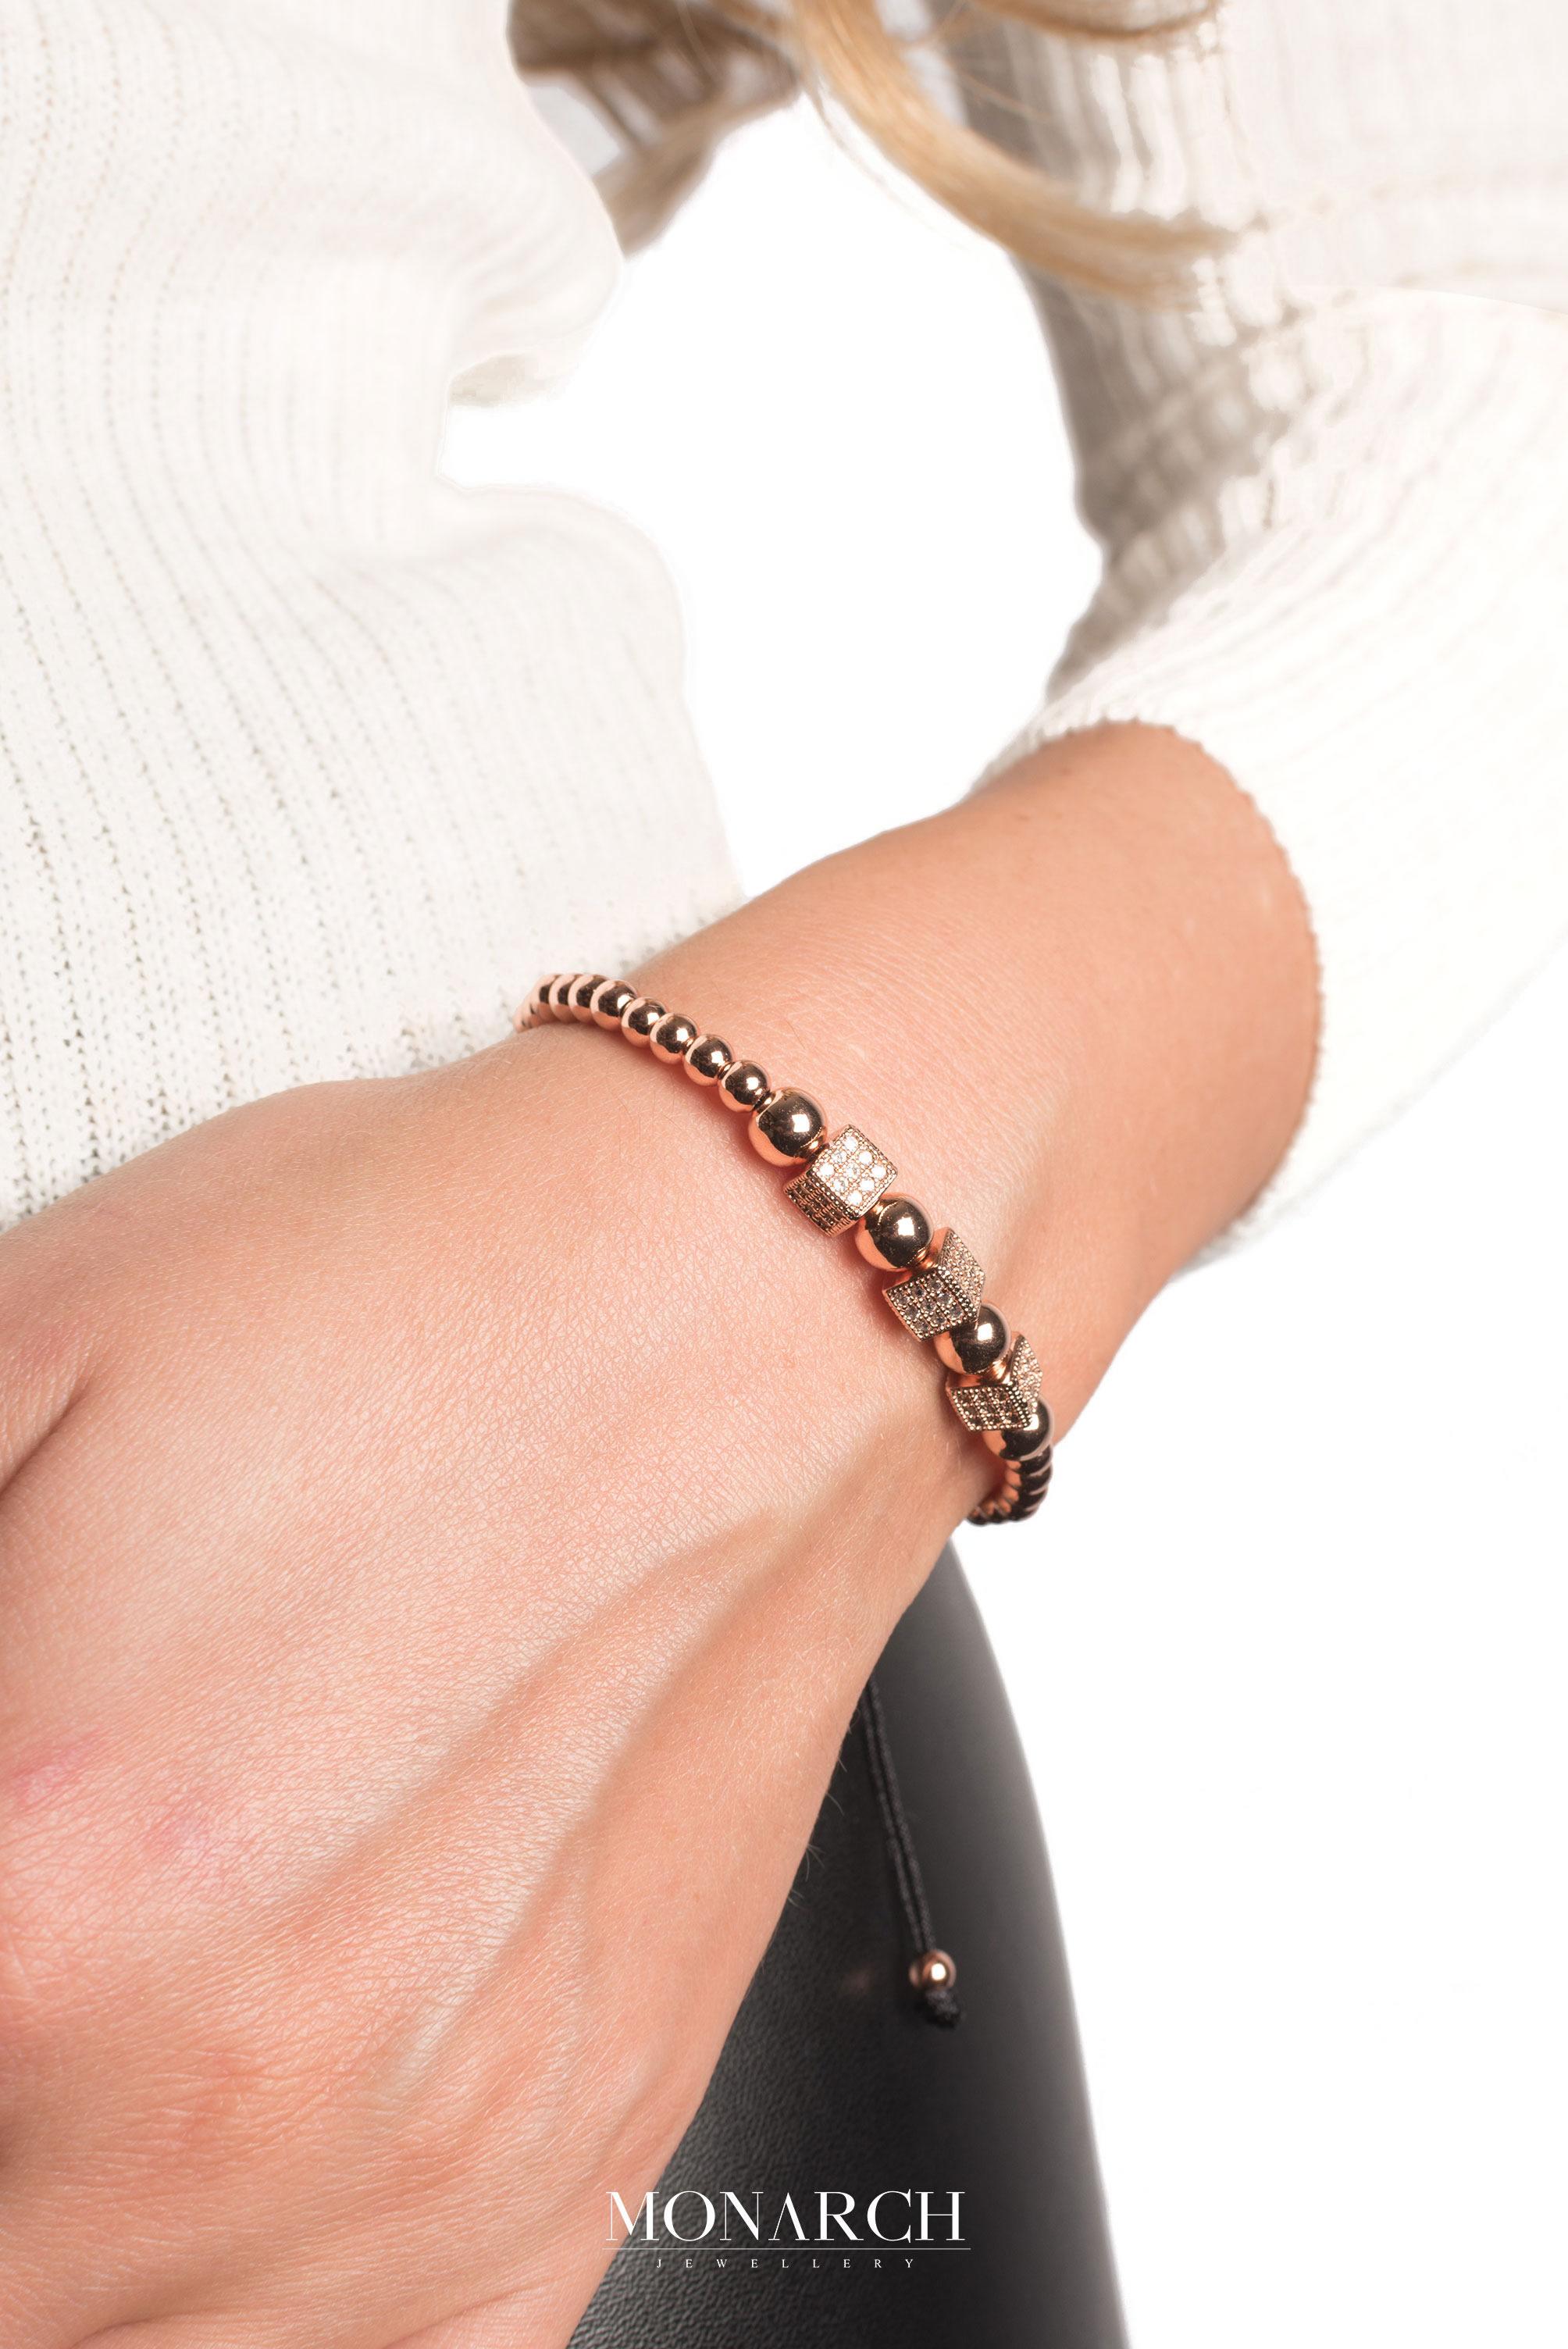 Monarch Jewellery Luxury Bracelet MA160RGT women